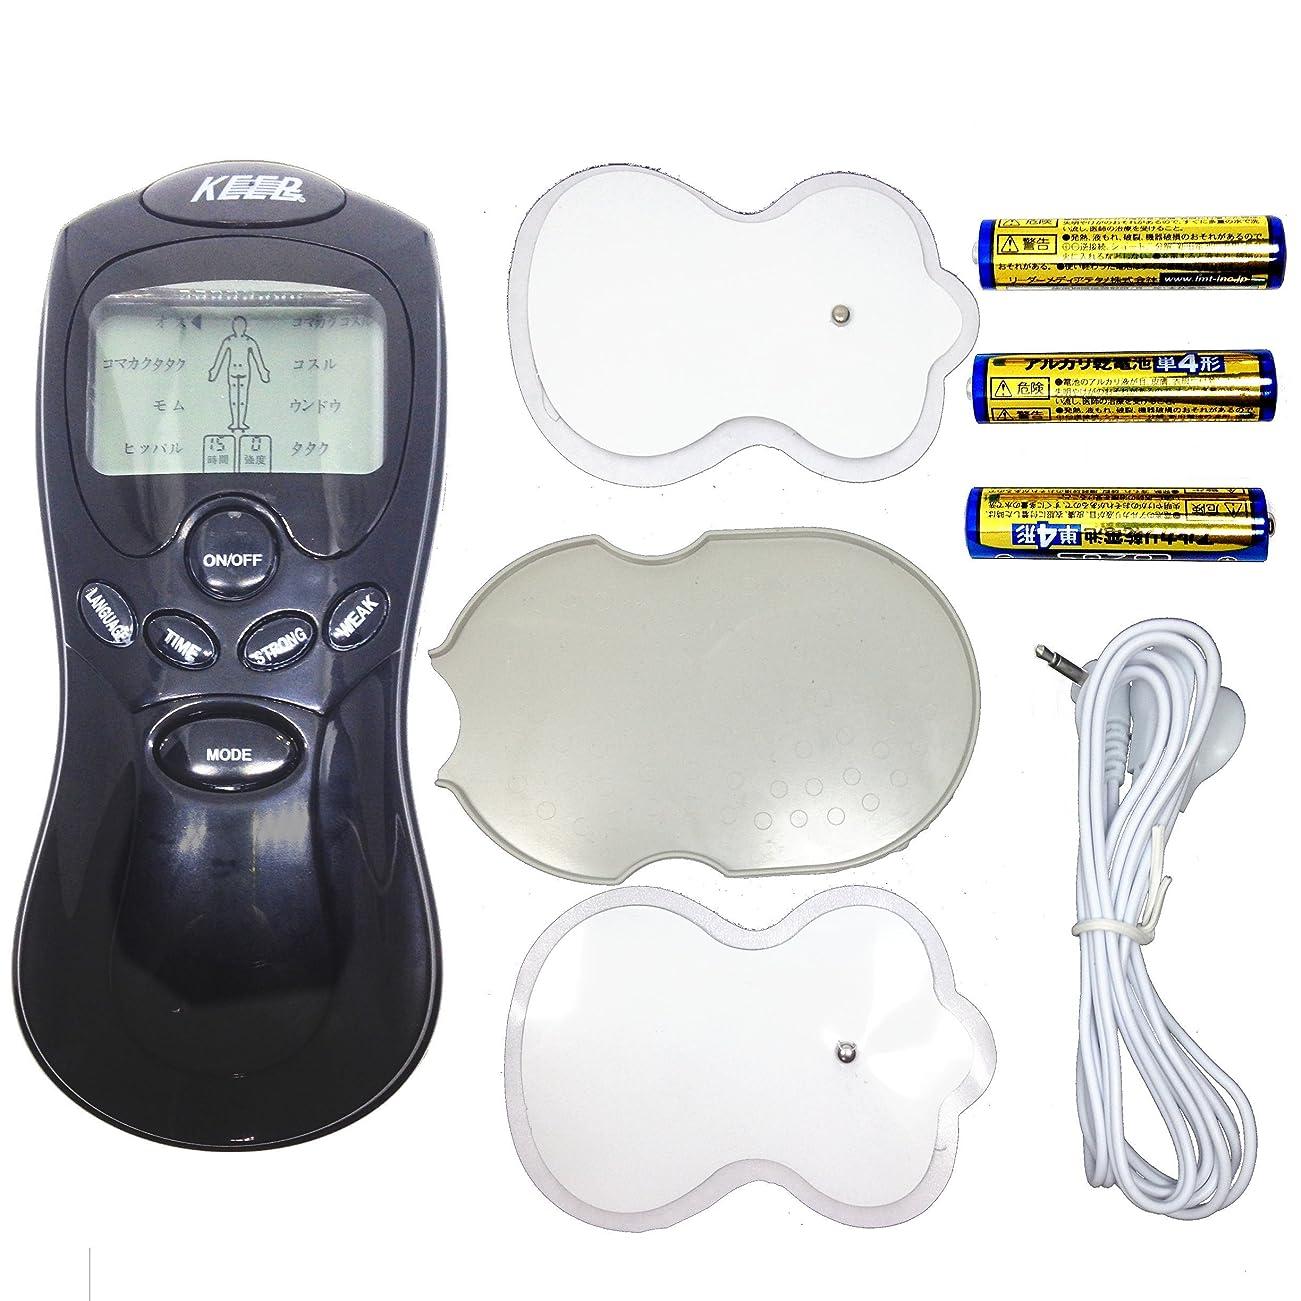 守銭奴出くわすコイルEMS-2-MMDフィットネスマシーン別売 電気フィットネスマシーン単四乾電池セット商品なのですぐに使えます。